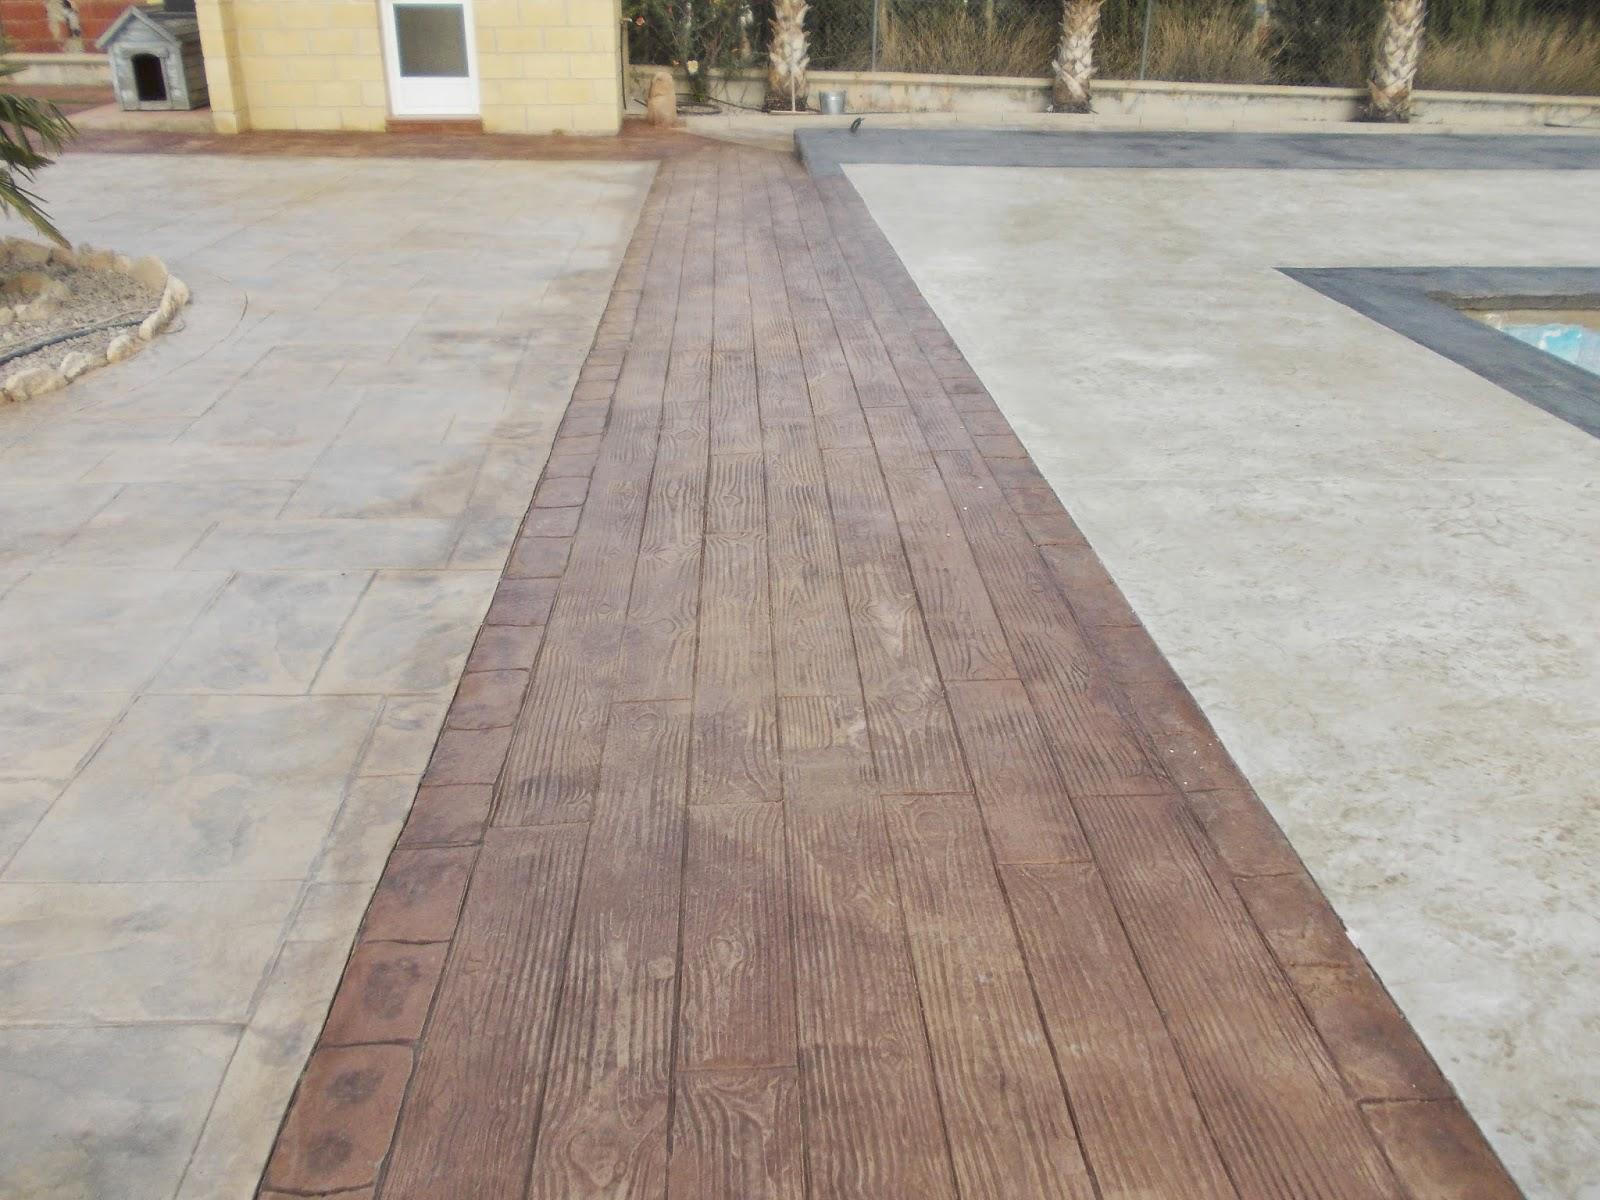 Pavimento continuo de hormig n impreso en murcia pavimentos continuos de hormig n hormig n impreso - Hormigon impreso madera ...